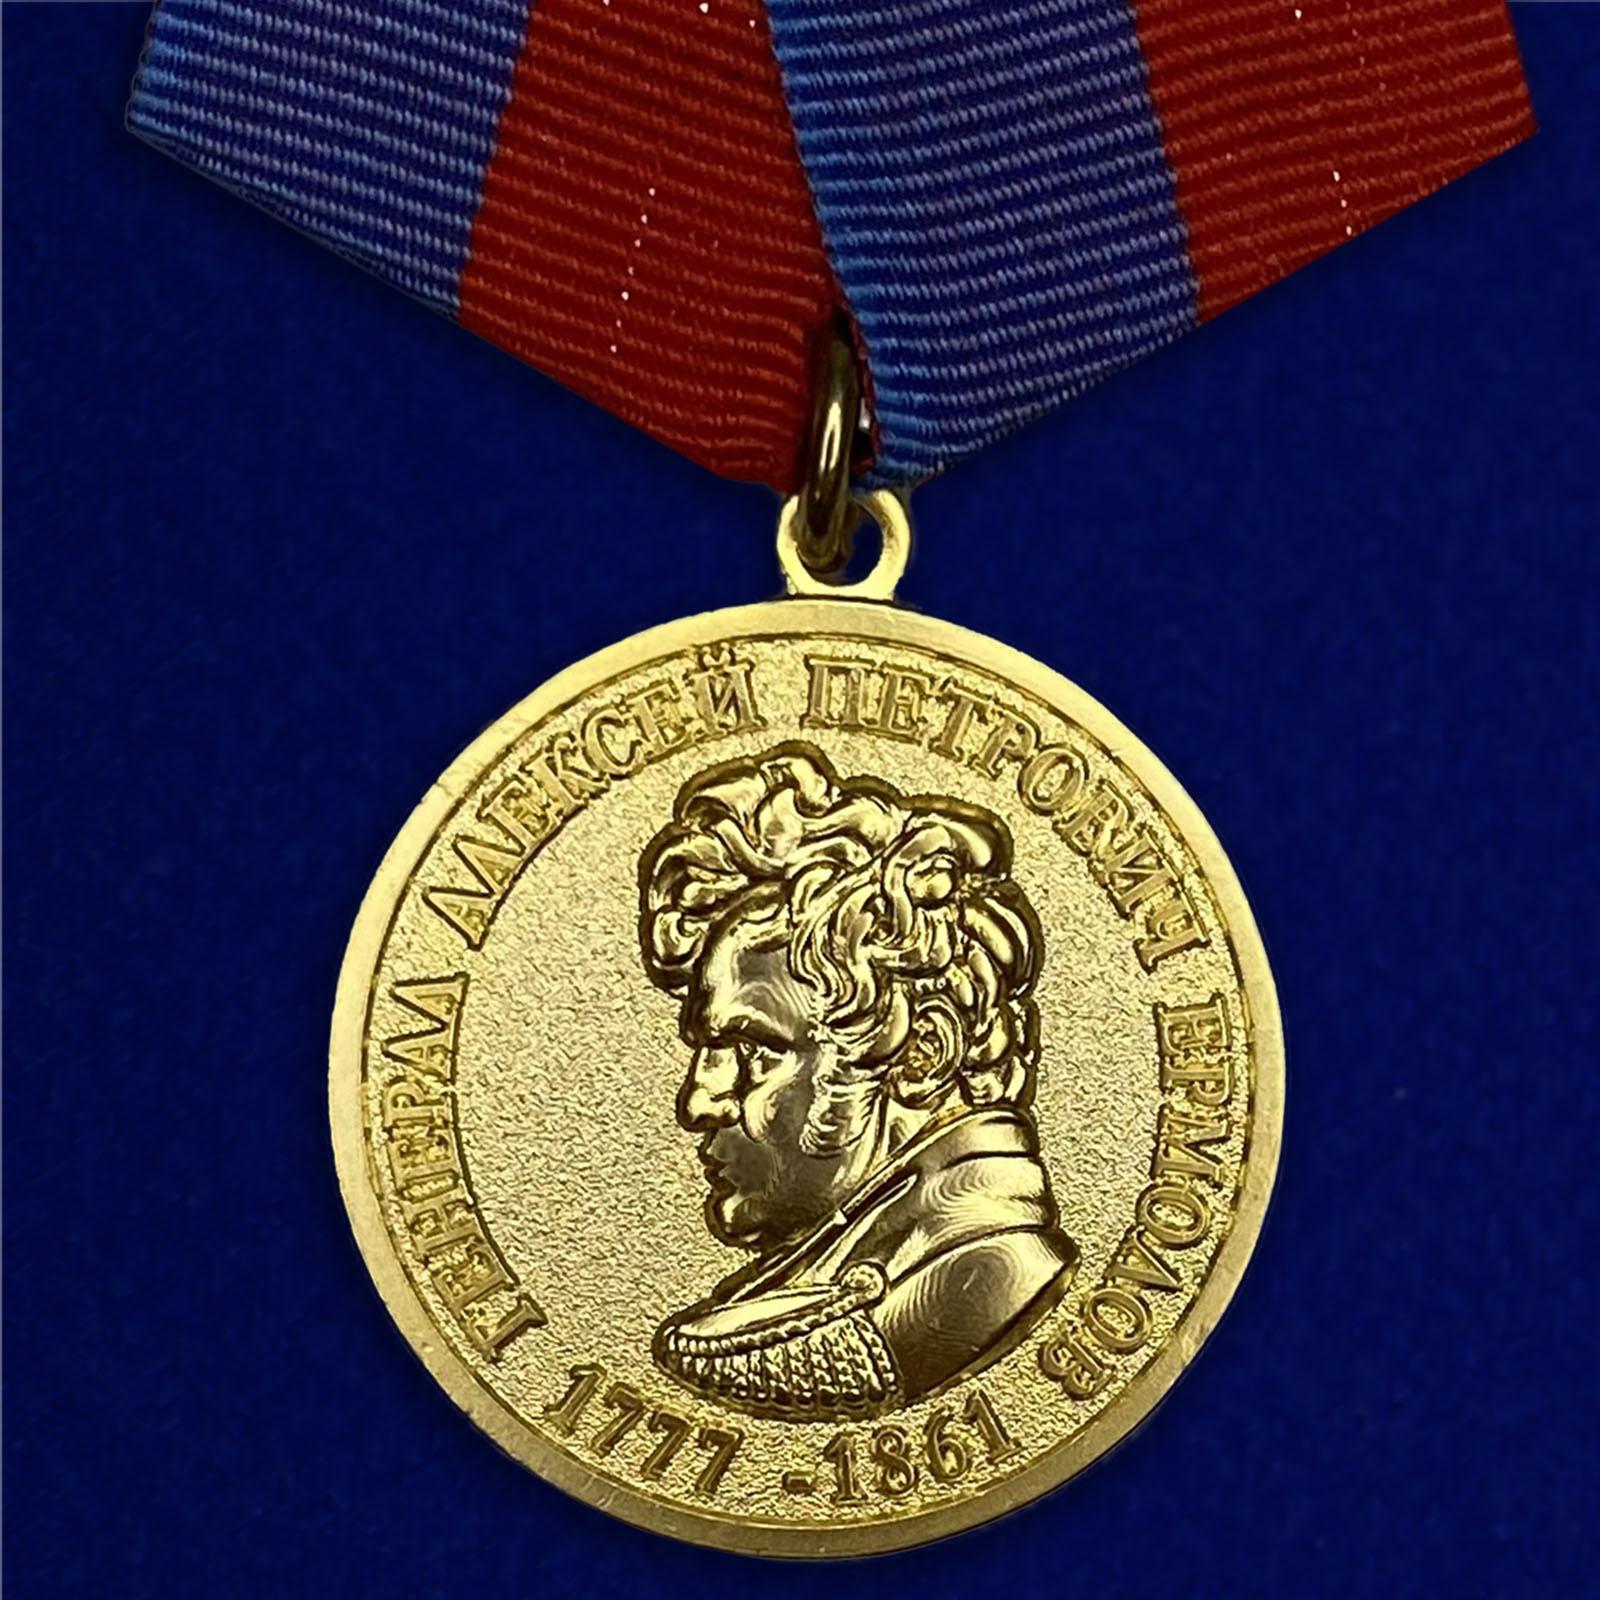 """Купить медаль """"За безупречную службу. Генерал Ермолов"""""""